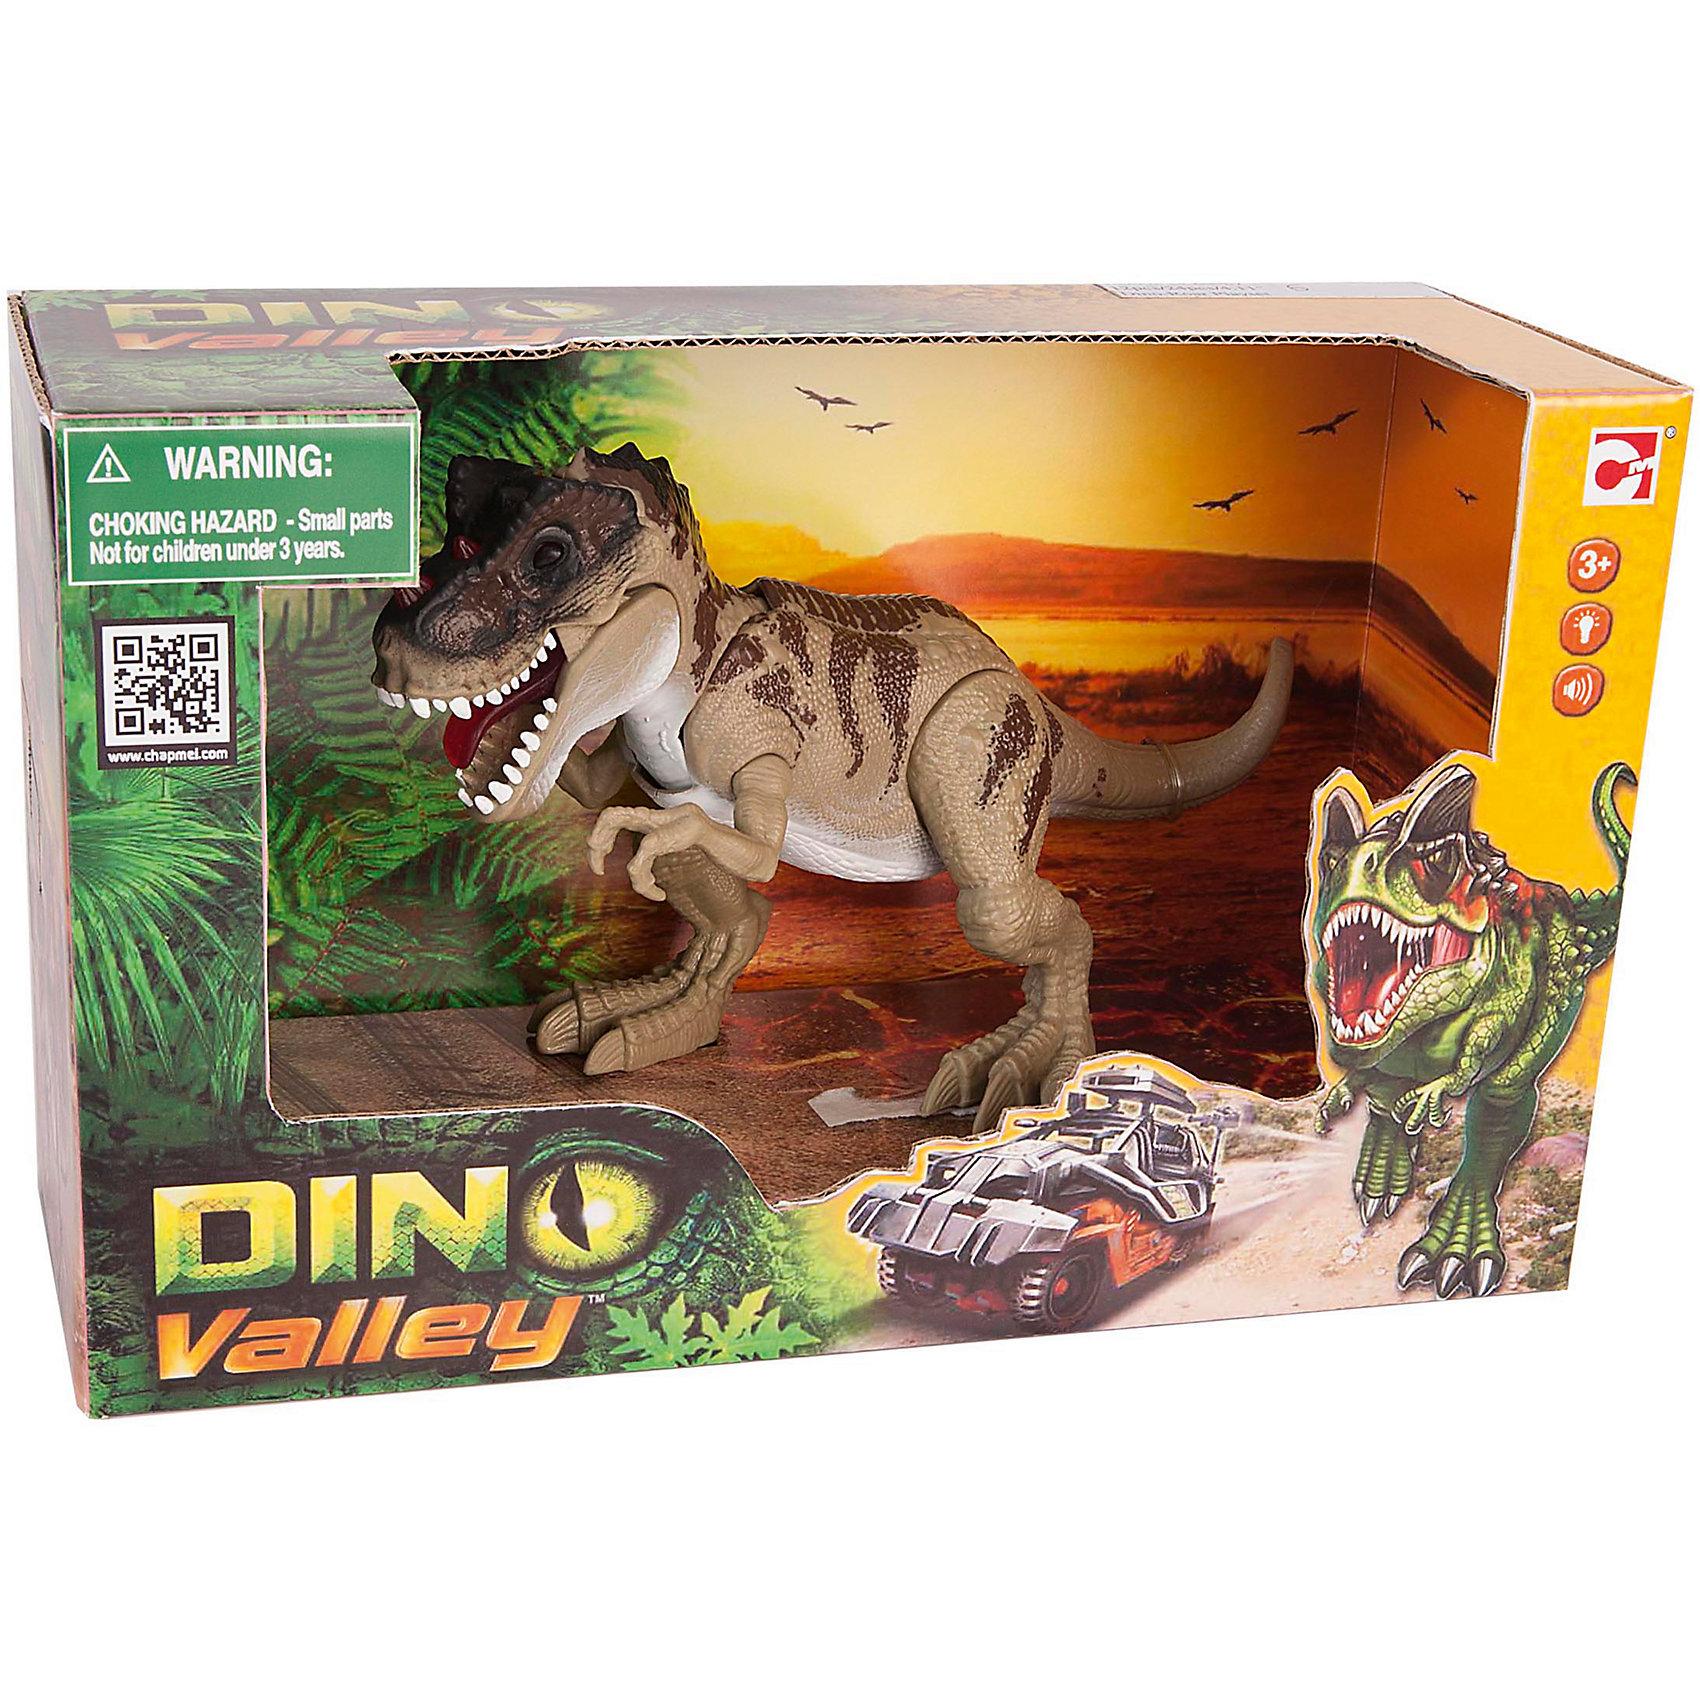 Подвижная фигура Цератозавр, Chap MeiДинозавры и драконы<br>Динозавр со звуком (работает на 3х батарейках AG13 функция трай-ми)<br><br>Ширина мм: 254<br>Глубина мм: 95<br>Высота мм: 159<br>Вес г: 606<br>Возраст от месяцев: 36<br>Возраст до месяцев: 2147483647<br>Пол: Унисекс<br>Возраст: Детский<br>SKU: 5503285